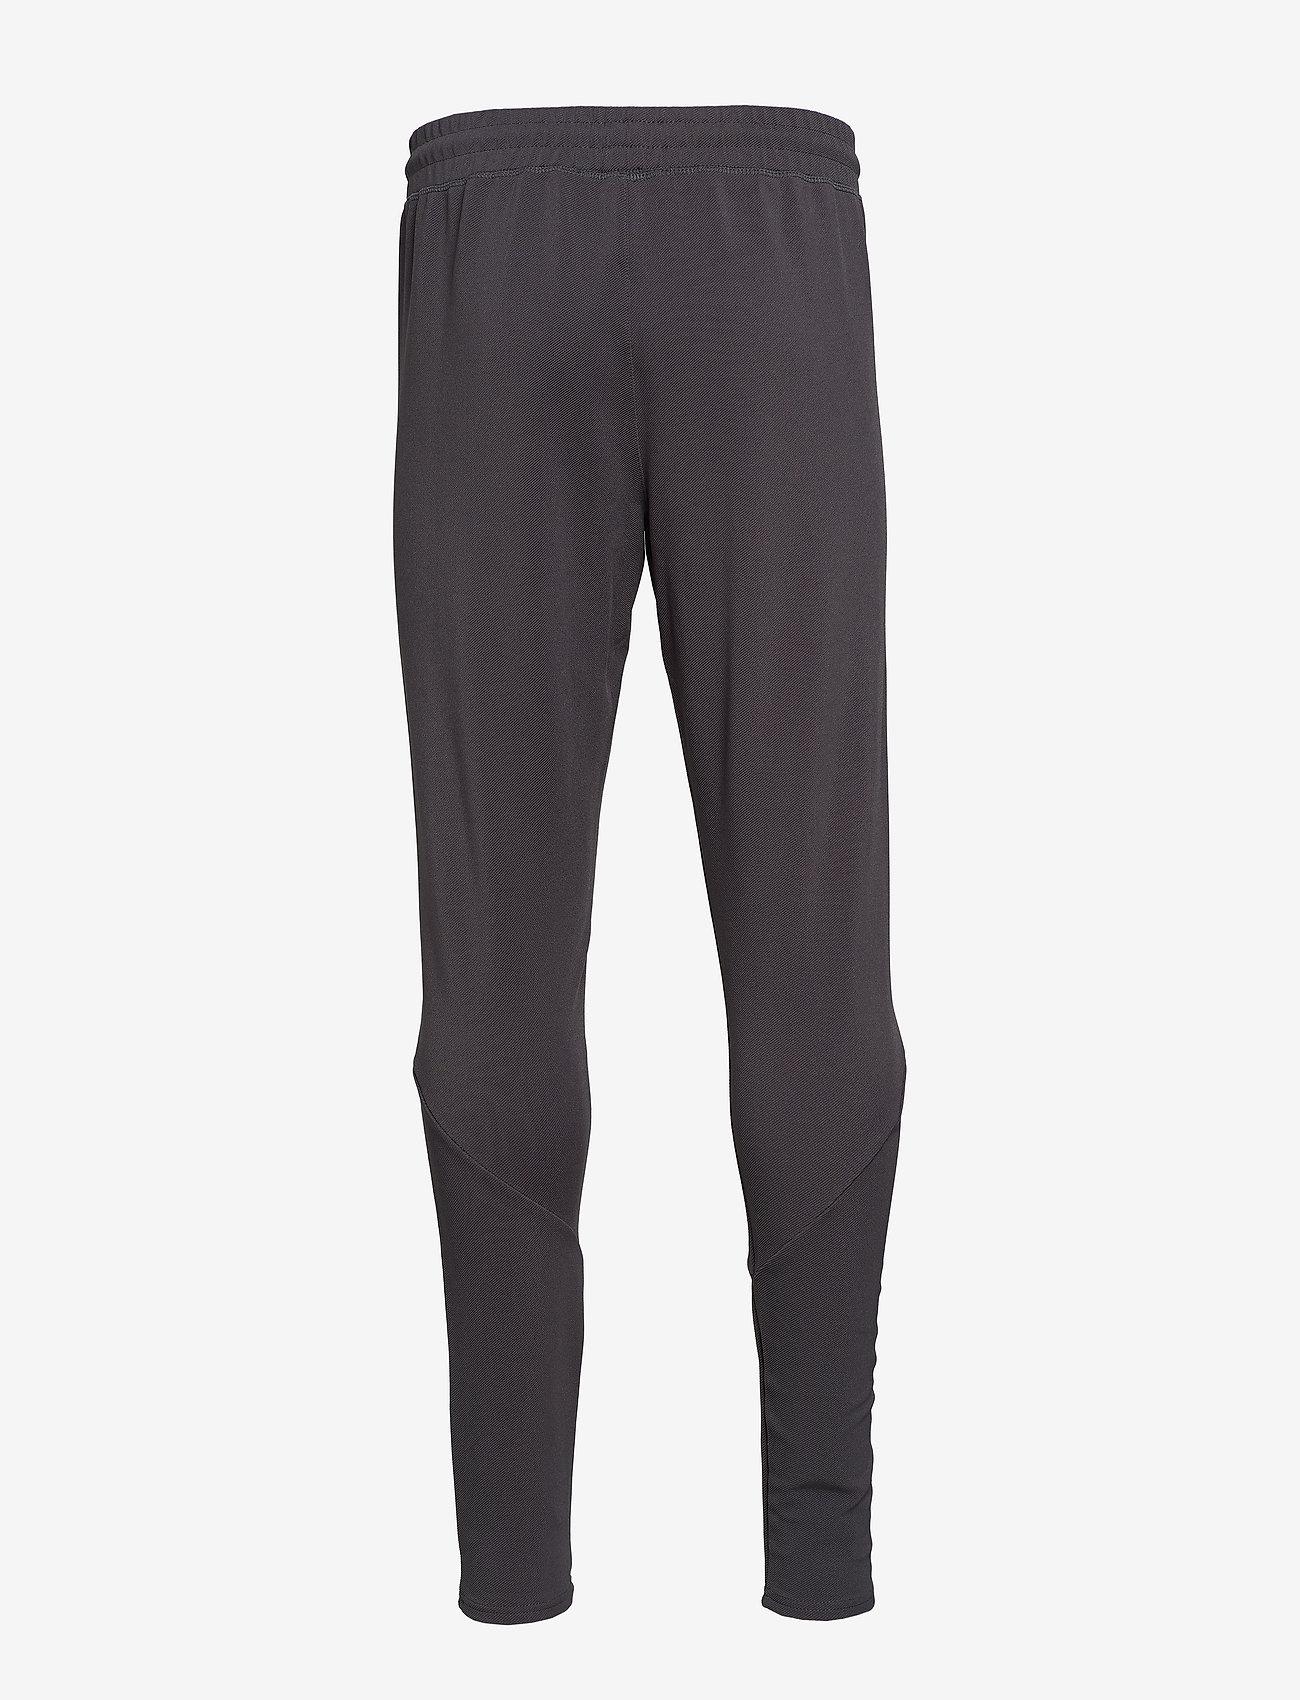 HAN Kjøbenhavn - Tights - kleding - grey - 1